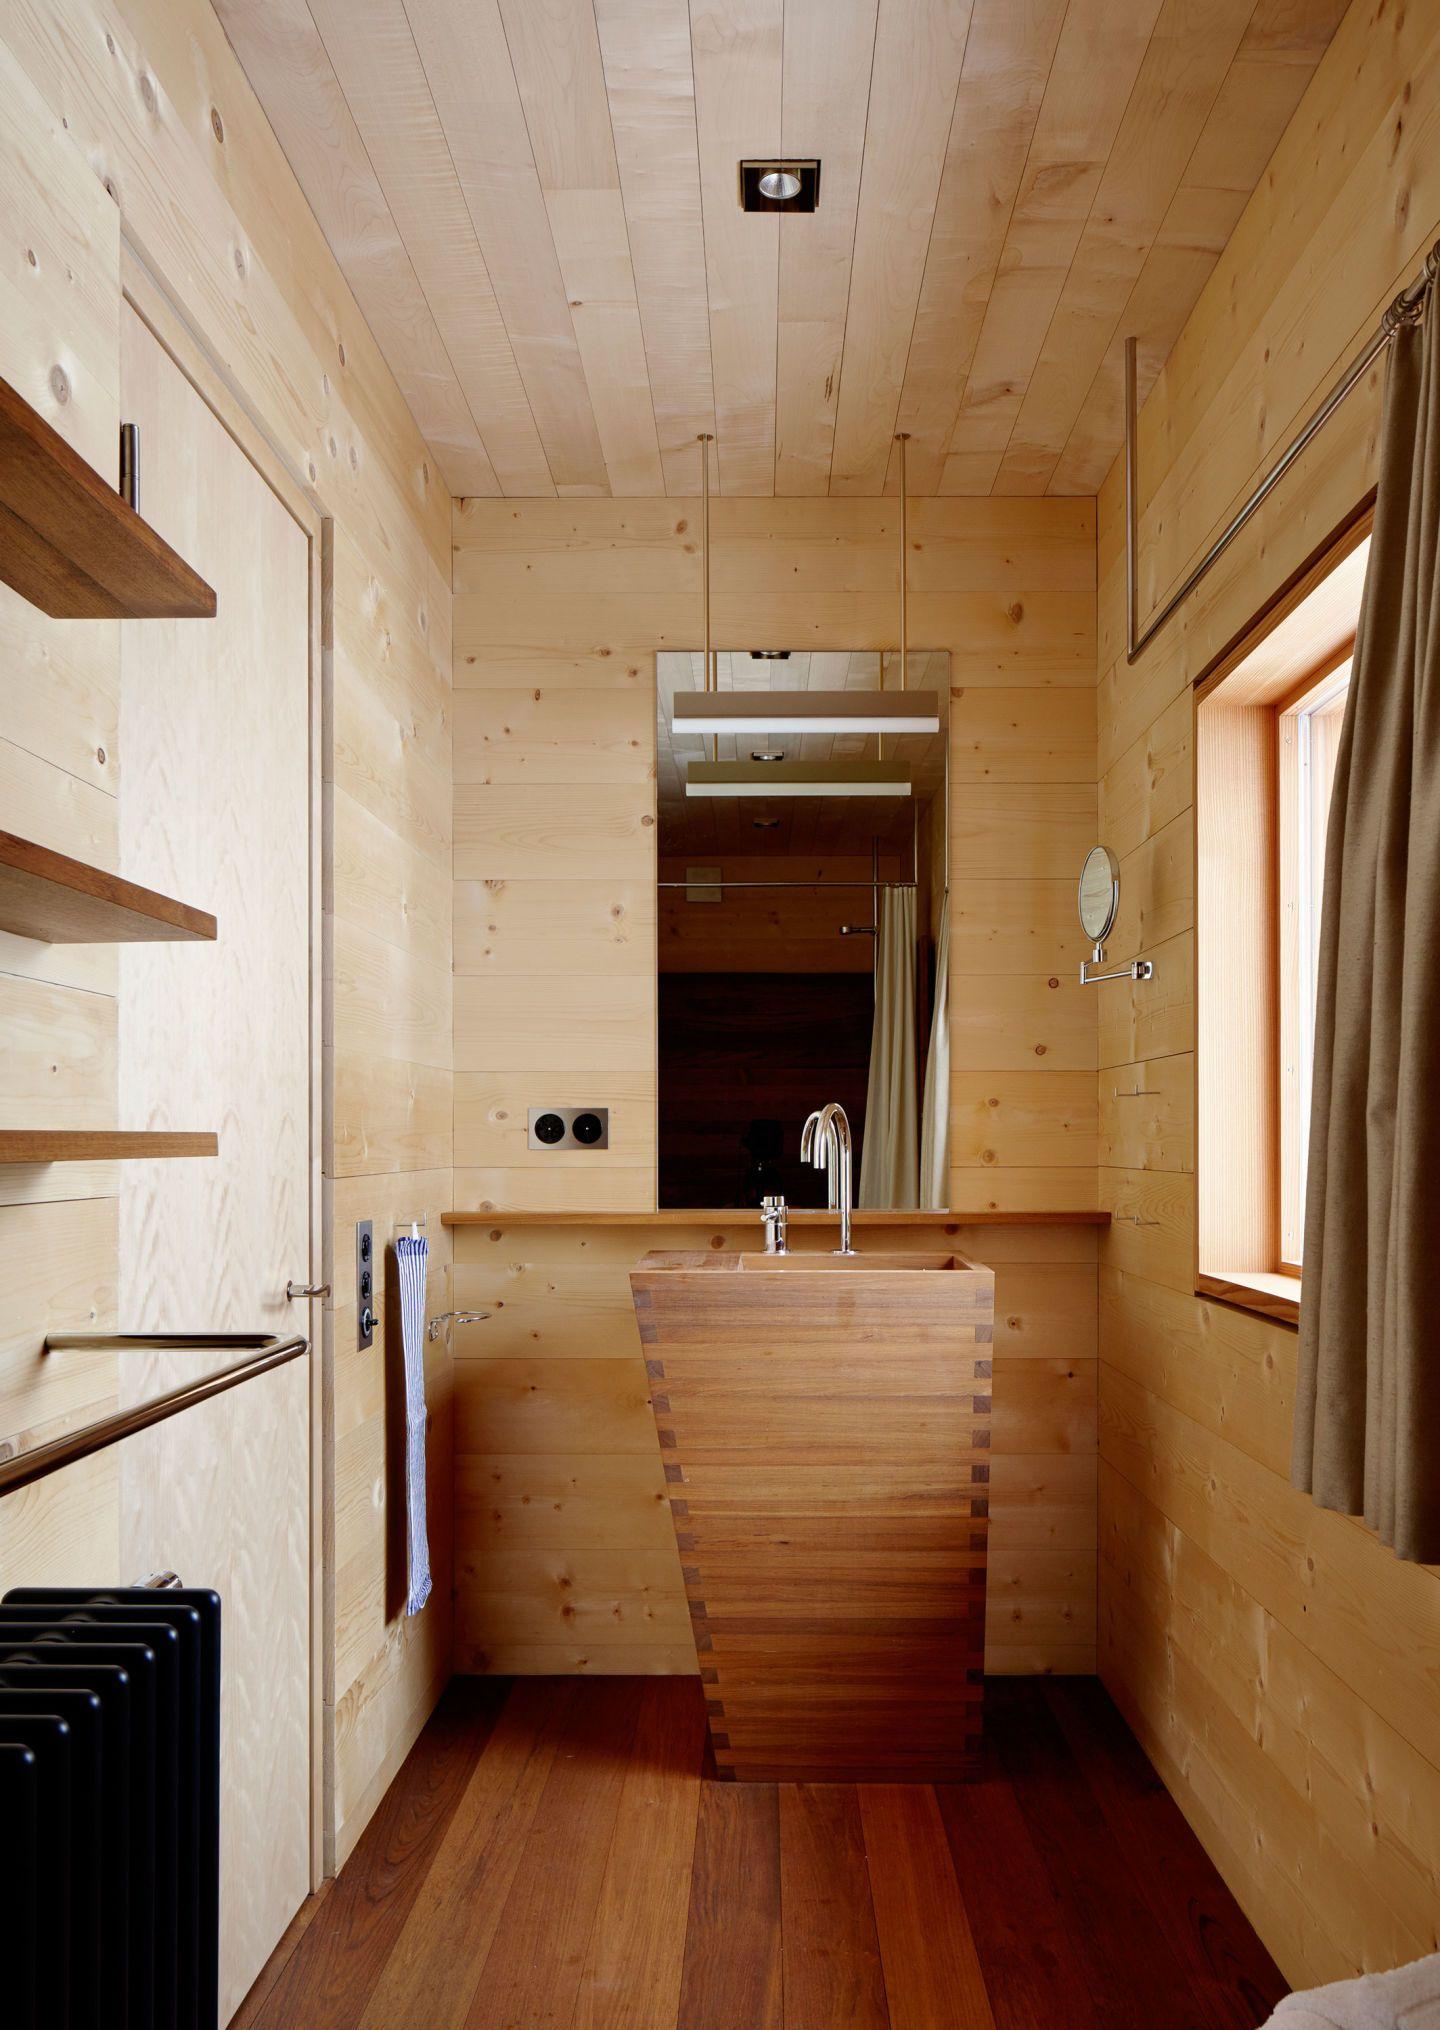 Architekturbüro Peter Zumthor, Ralph Feiner · The Unterhus